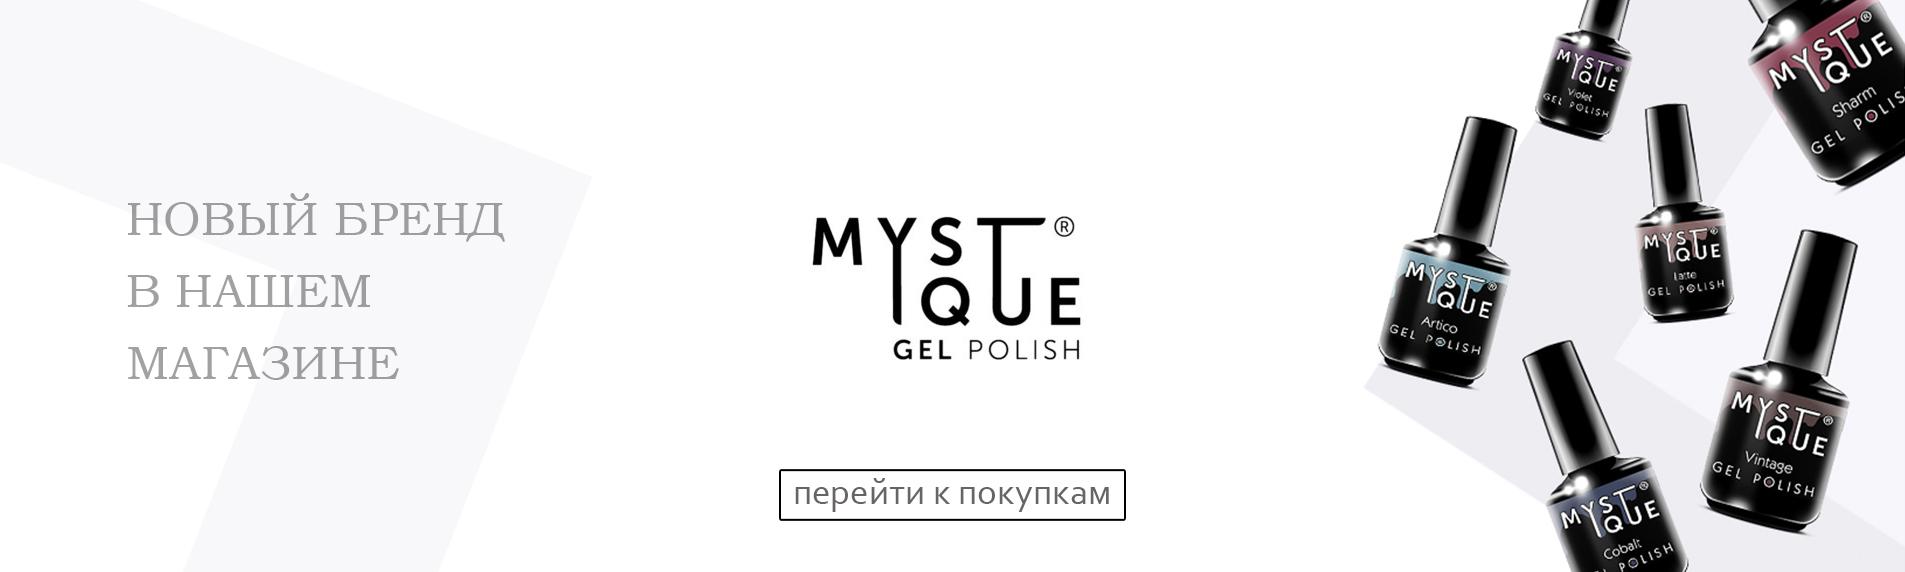 MYSTIQUE 01